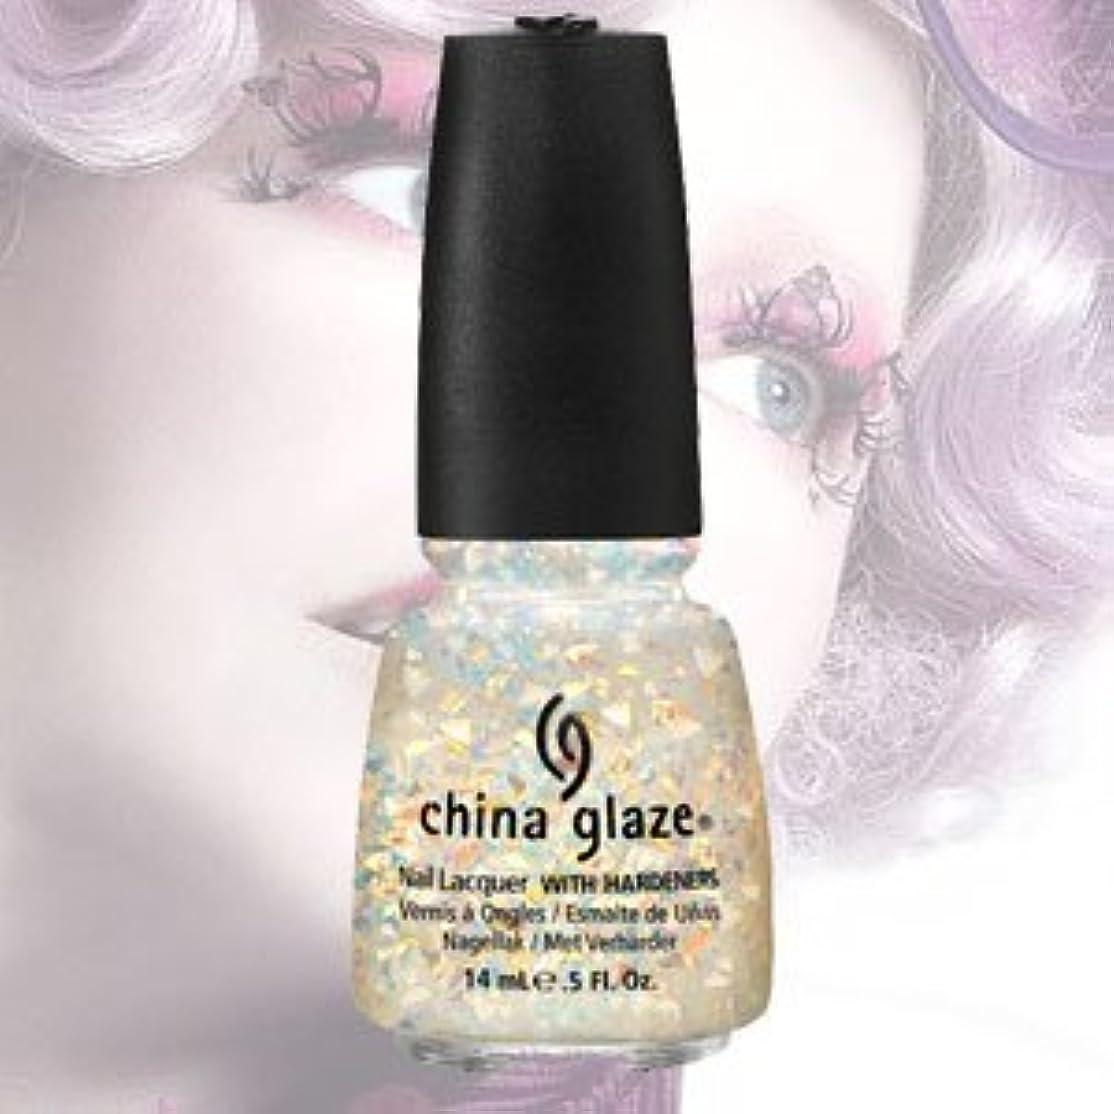 コンパニオン手段真空(チャイナグレイズ)China Glaze Luxe and LushーCAPITOL COLOURS コレクション [海外直送品][並行輸入品]